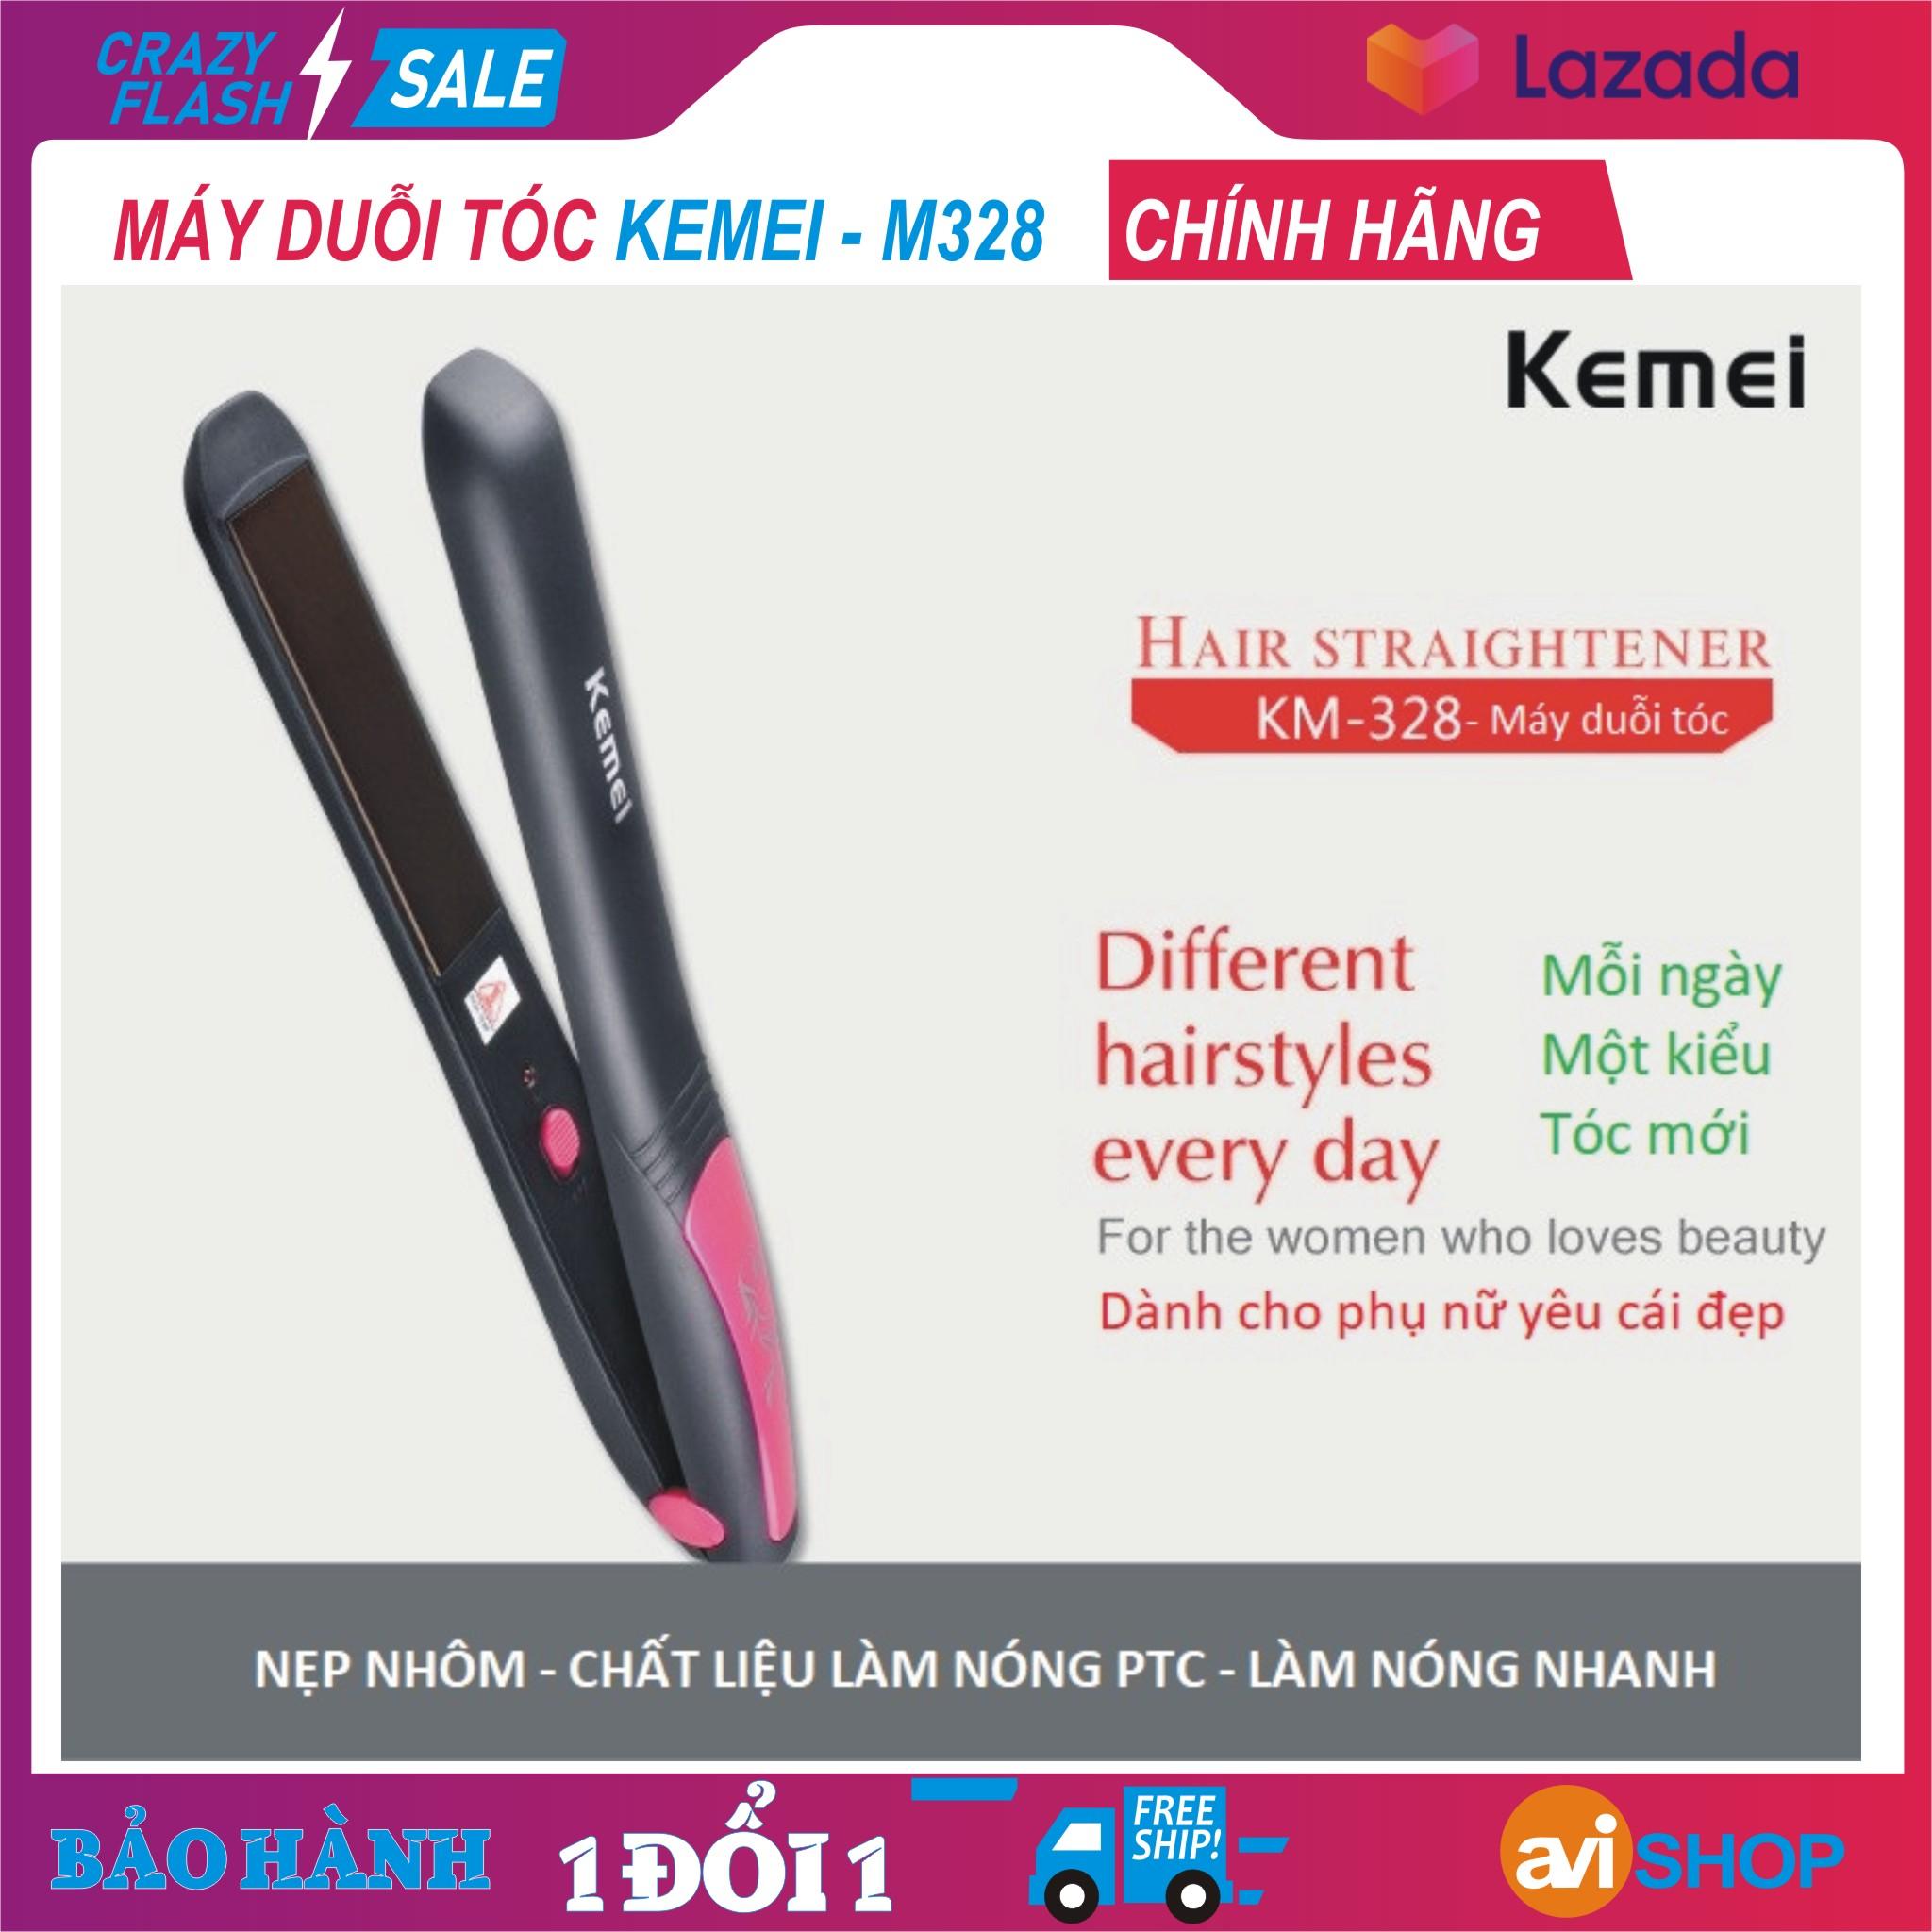 Máy kẹp tóc, là tóc, duỗi tóc Kemei Km-328, nhanh chóng và an toàn giúp bạn đẹp mỗi ngày, Hôm nay giá cực shock - aviSHOP cao cấp